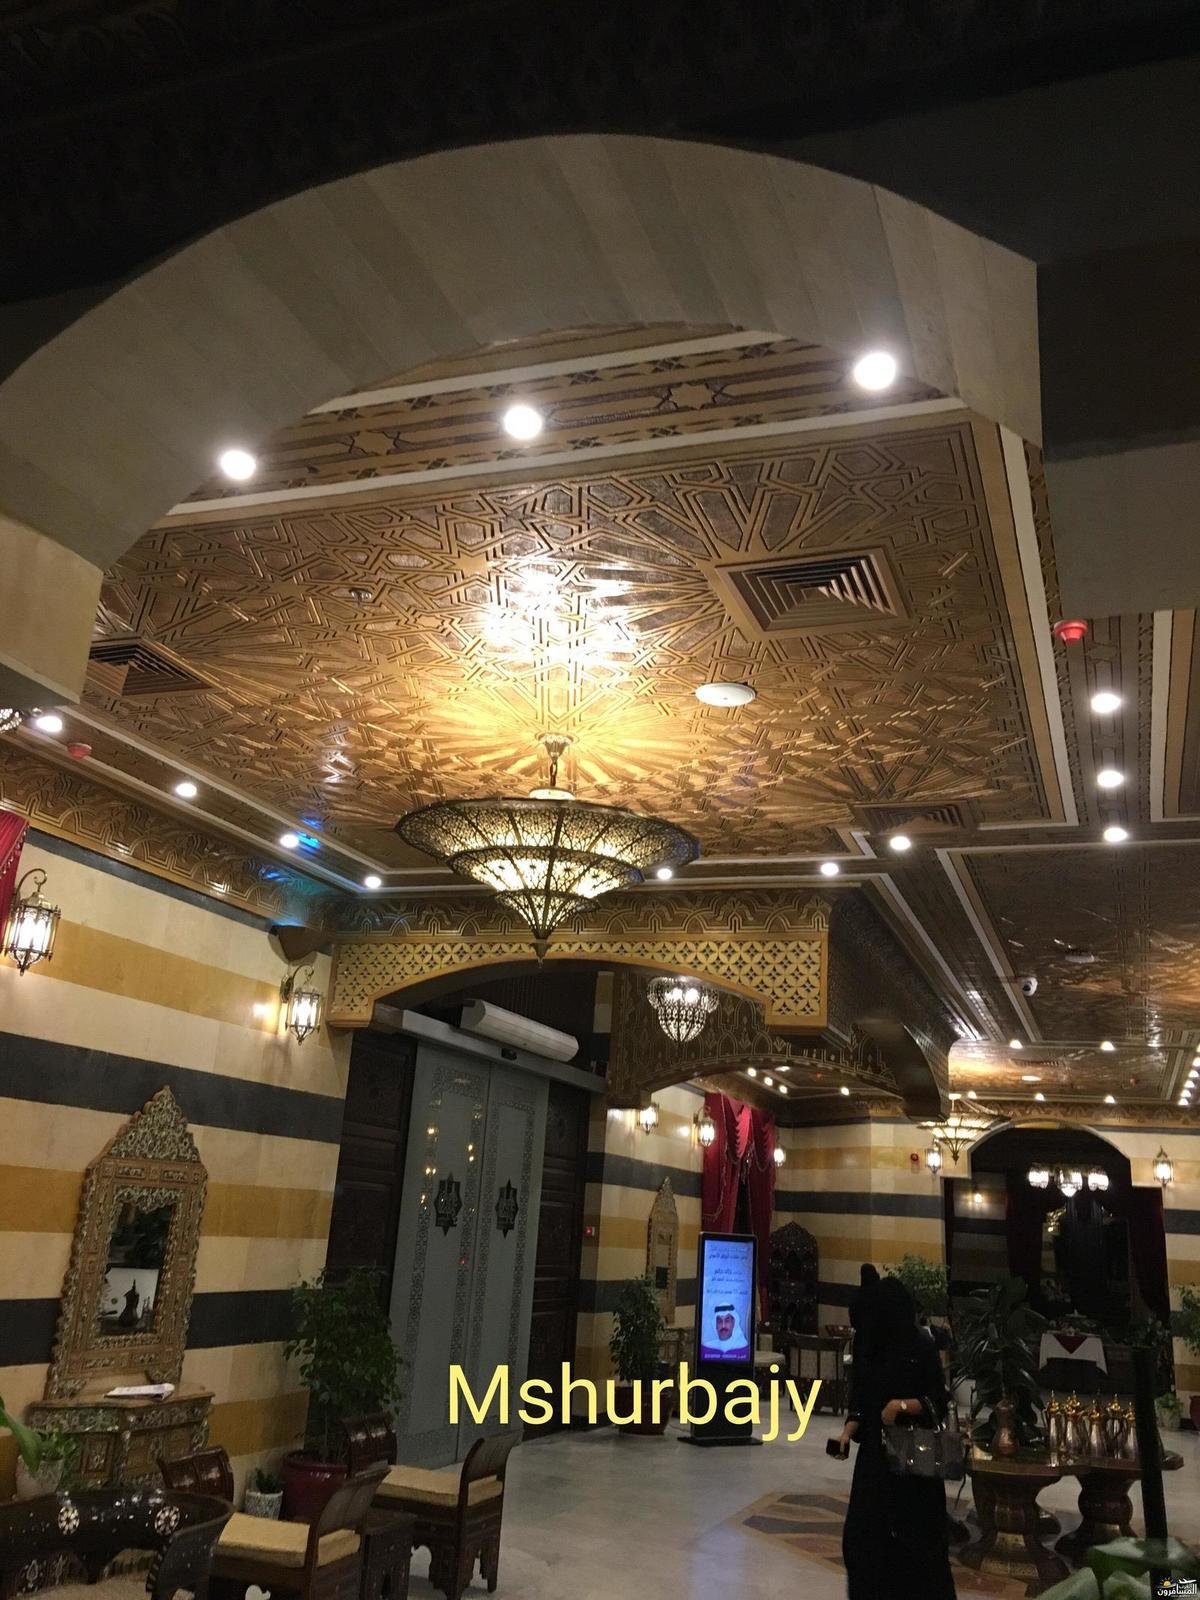 652485 المسافرون العرب مطعم رواق الأمويين في جدة